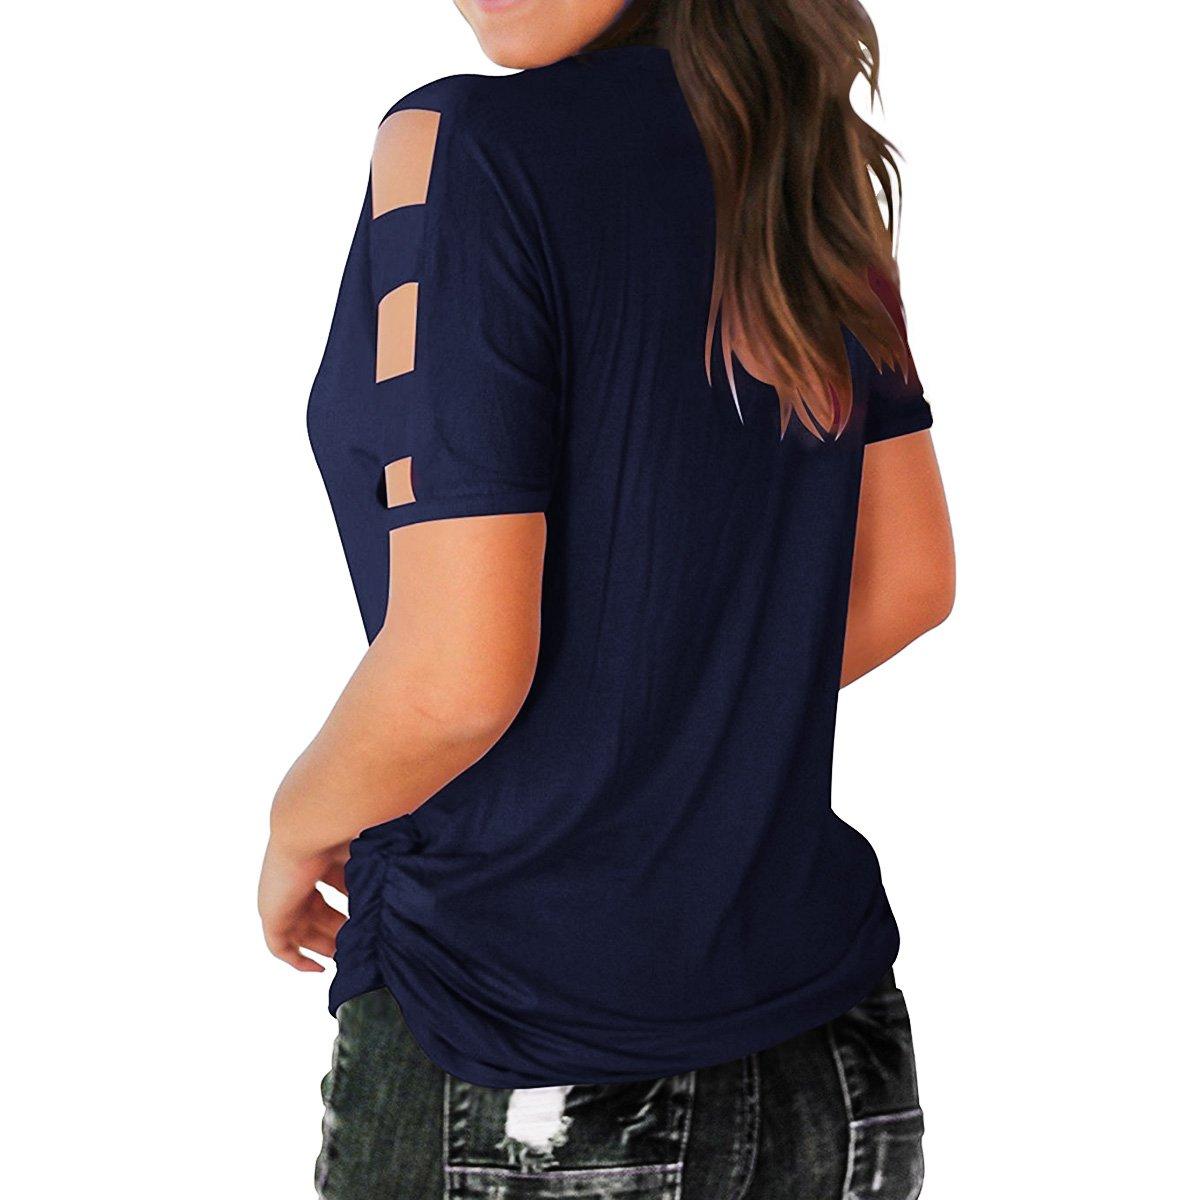 Eanklosco Womens Summer Short Sleeve Cold Shoulder Tops V Neck Basic T Shirts (Navy Blue, L)